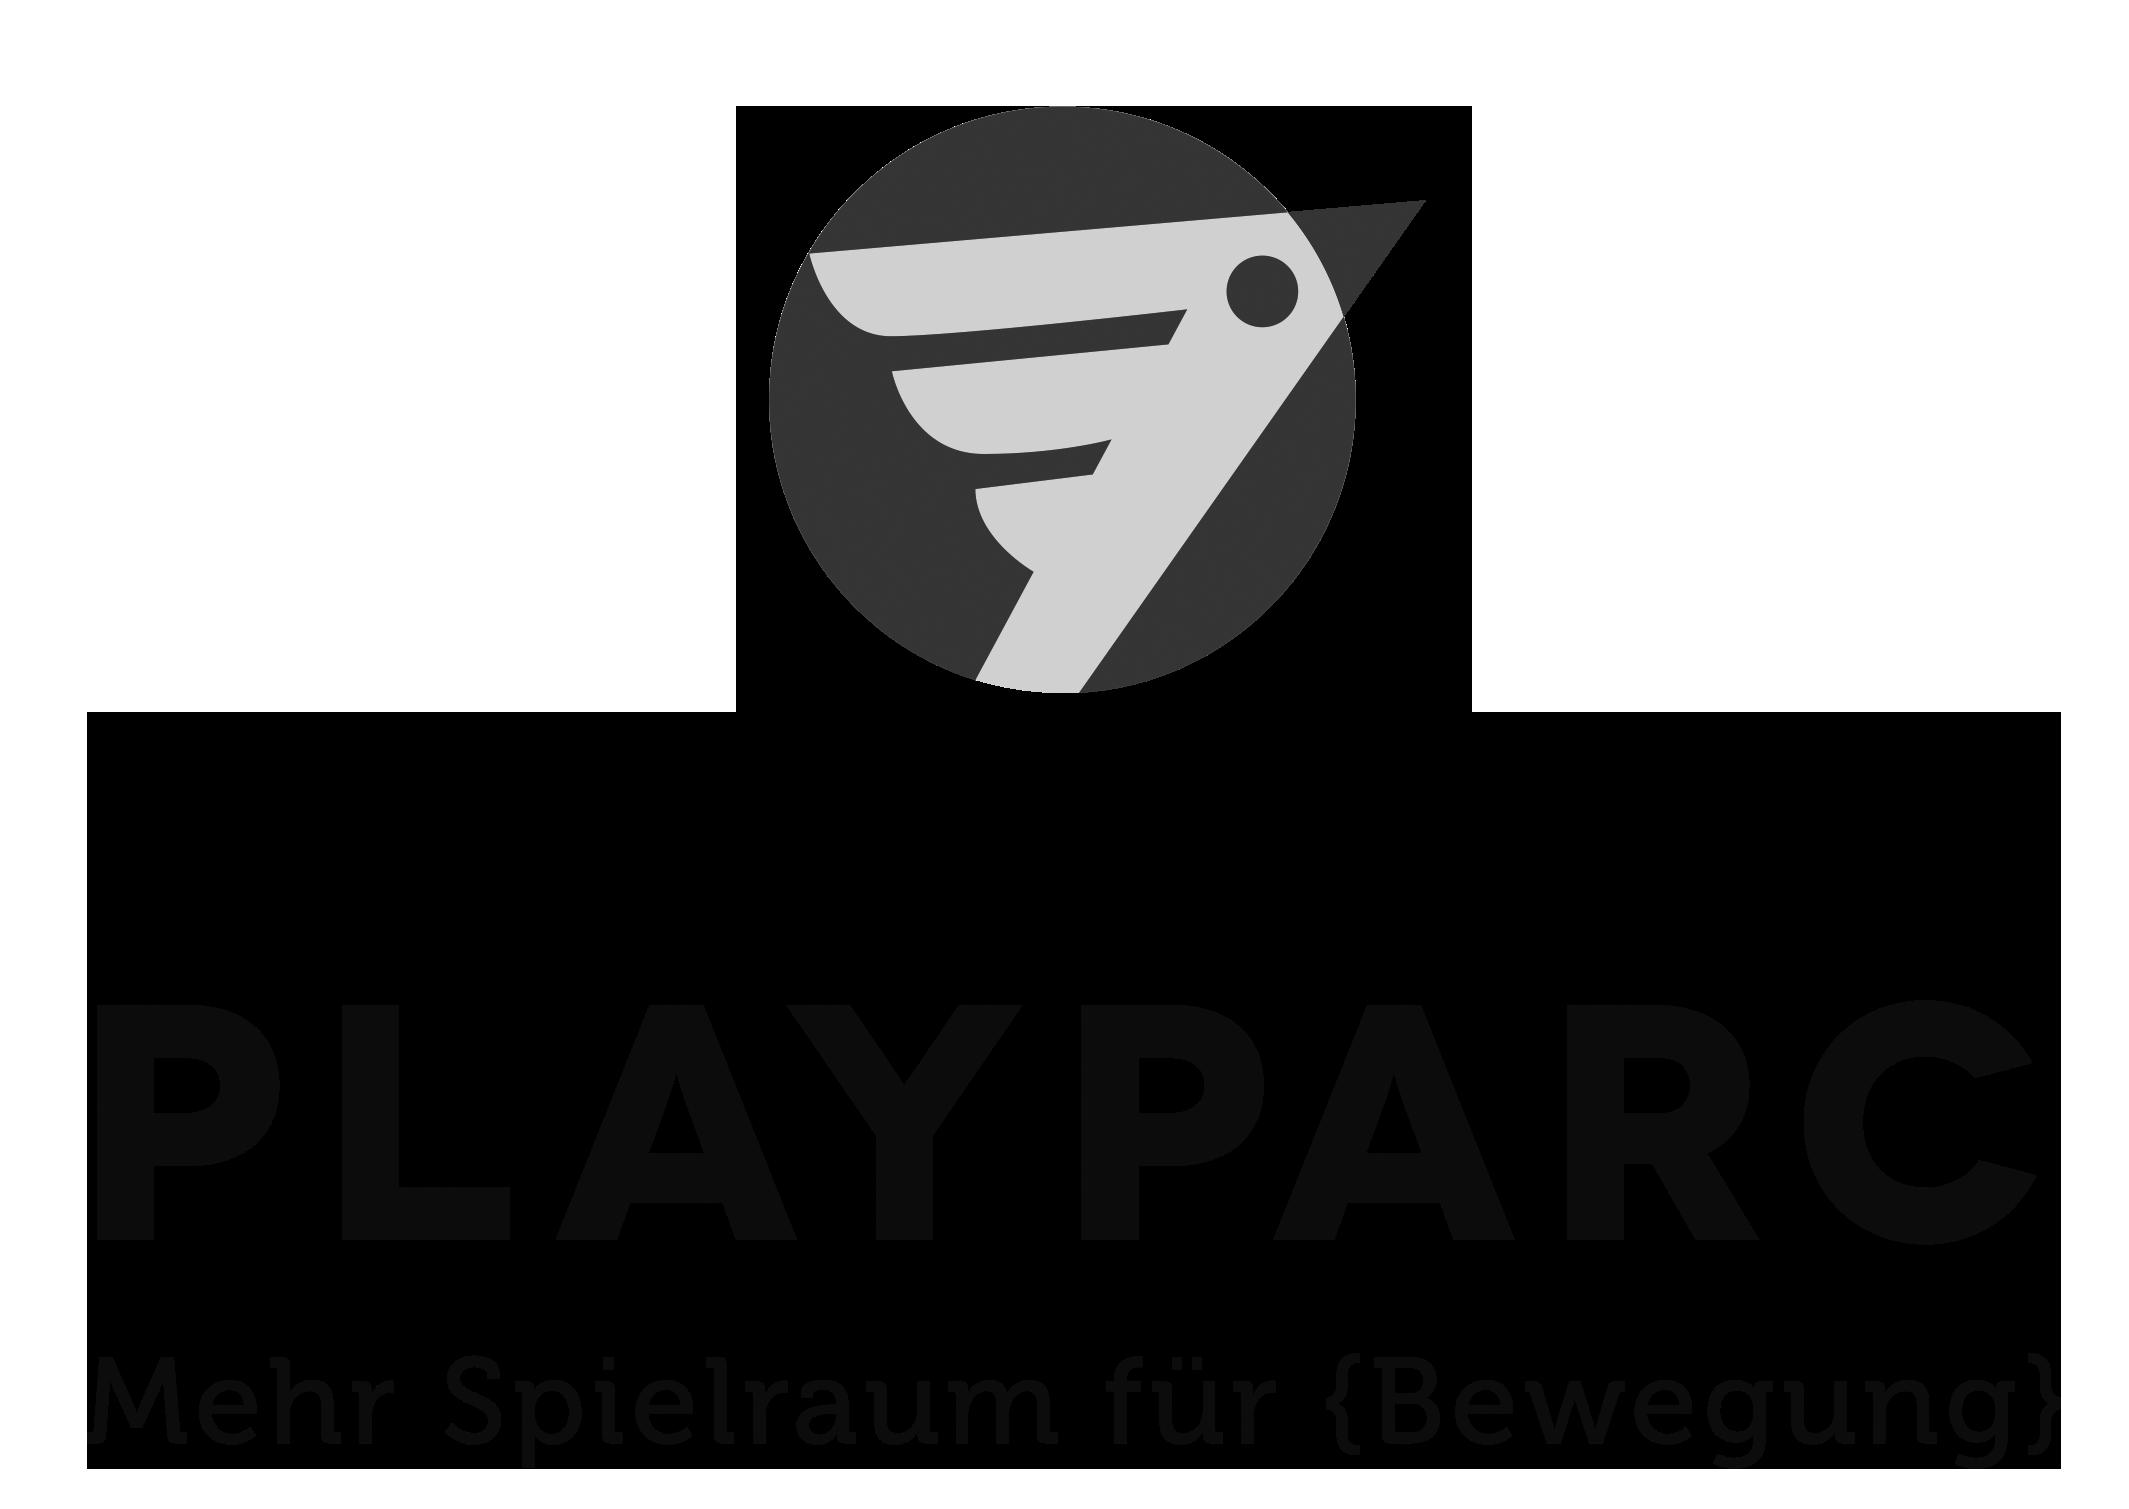 pp_logo_transparent_grau